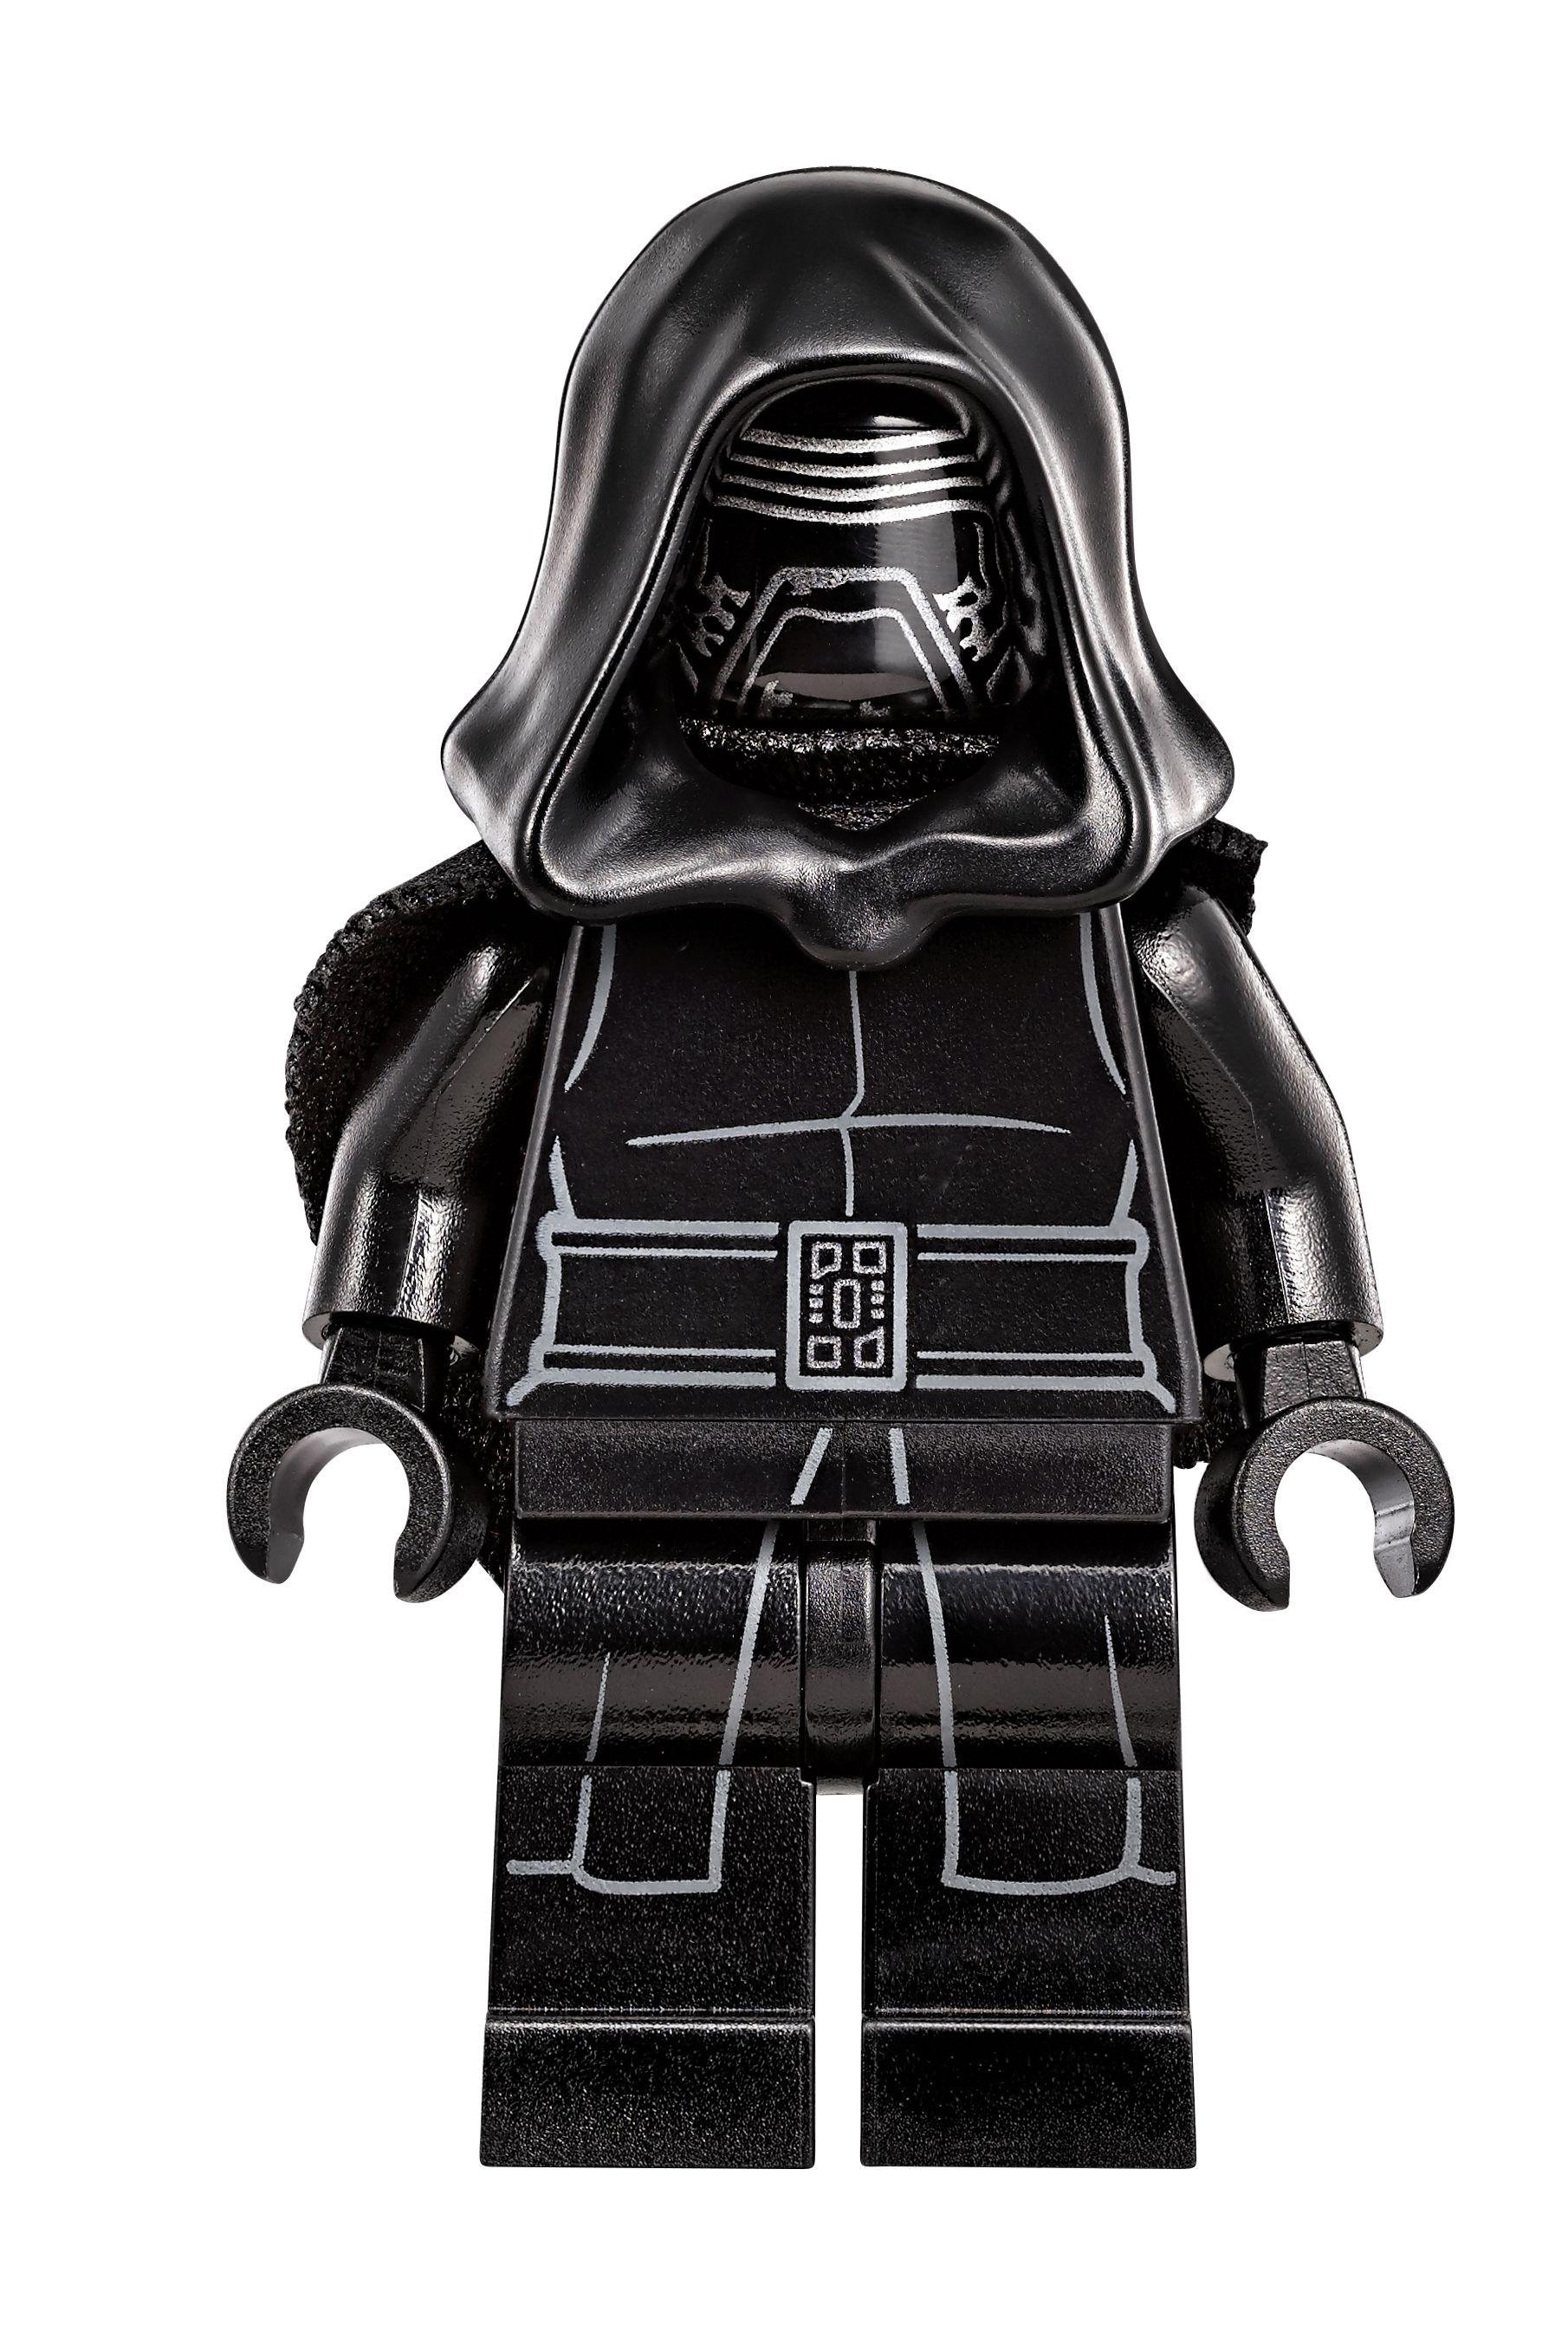 Kylo Ren Star Wars Lego Star Wars Star Wars Lego